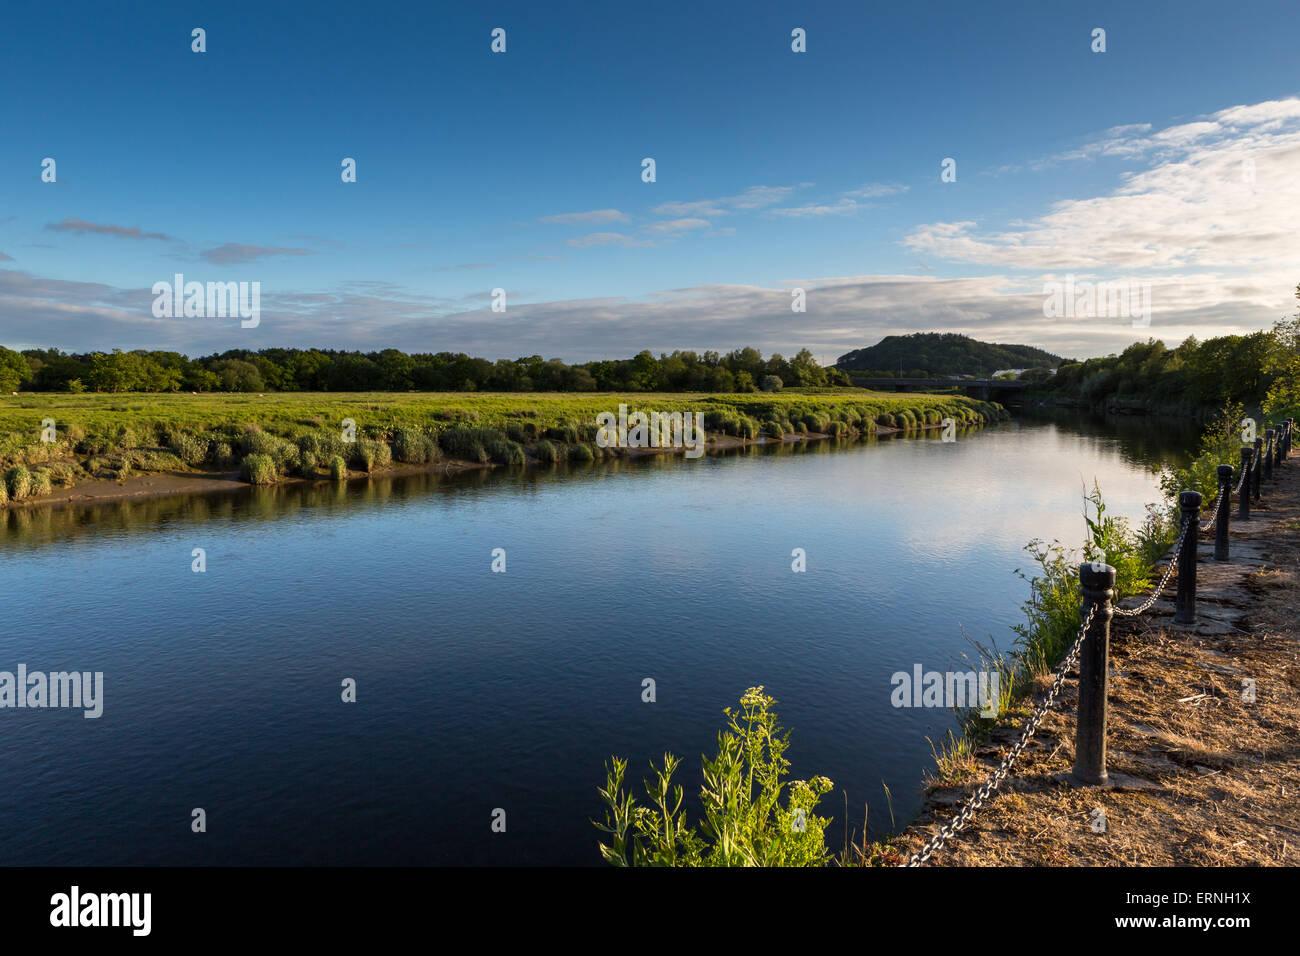 the-river-tywi-towy-at-caerfyrddin-carma